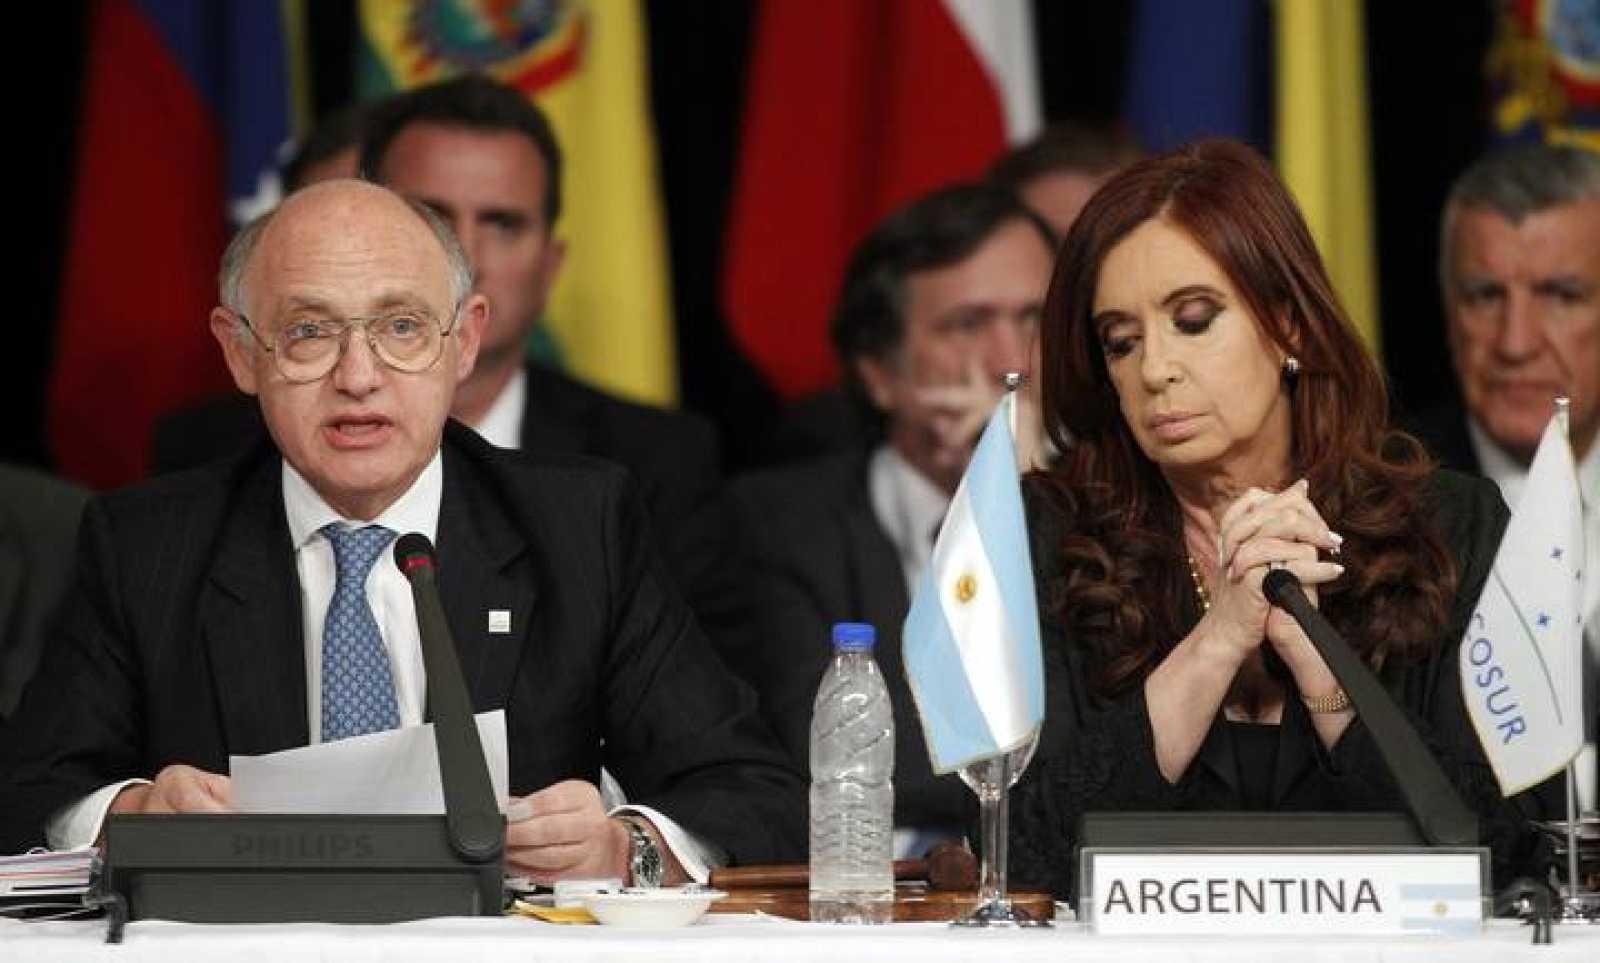 Fotografía de archivo de Cristina Fernández de Kirchner junto a su ministro de Exteriores, Hector Timerman